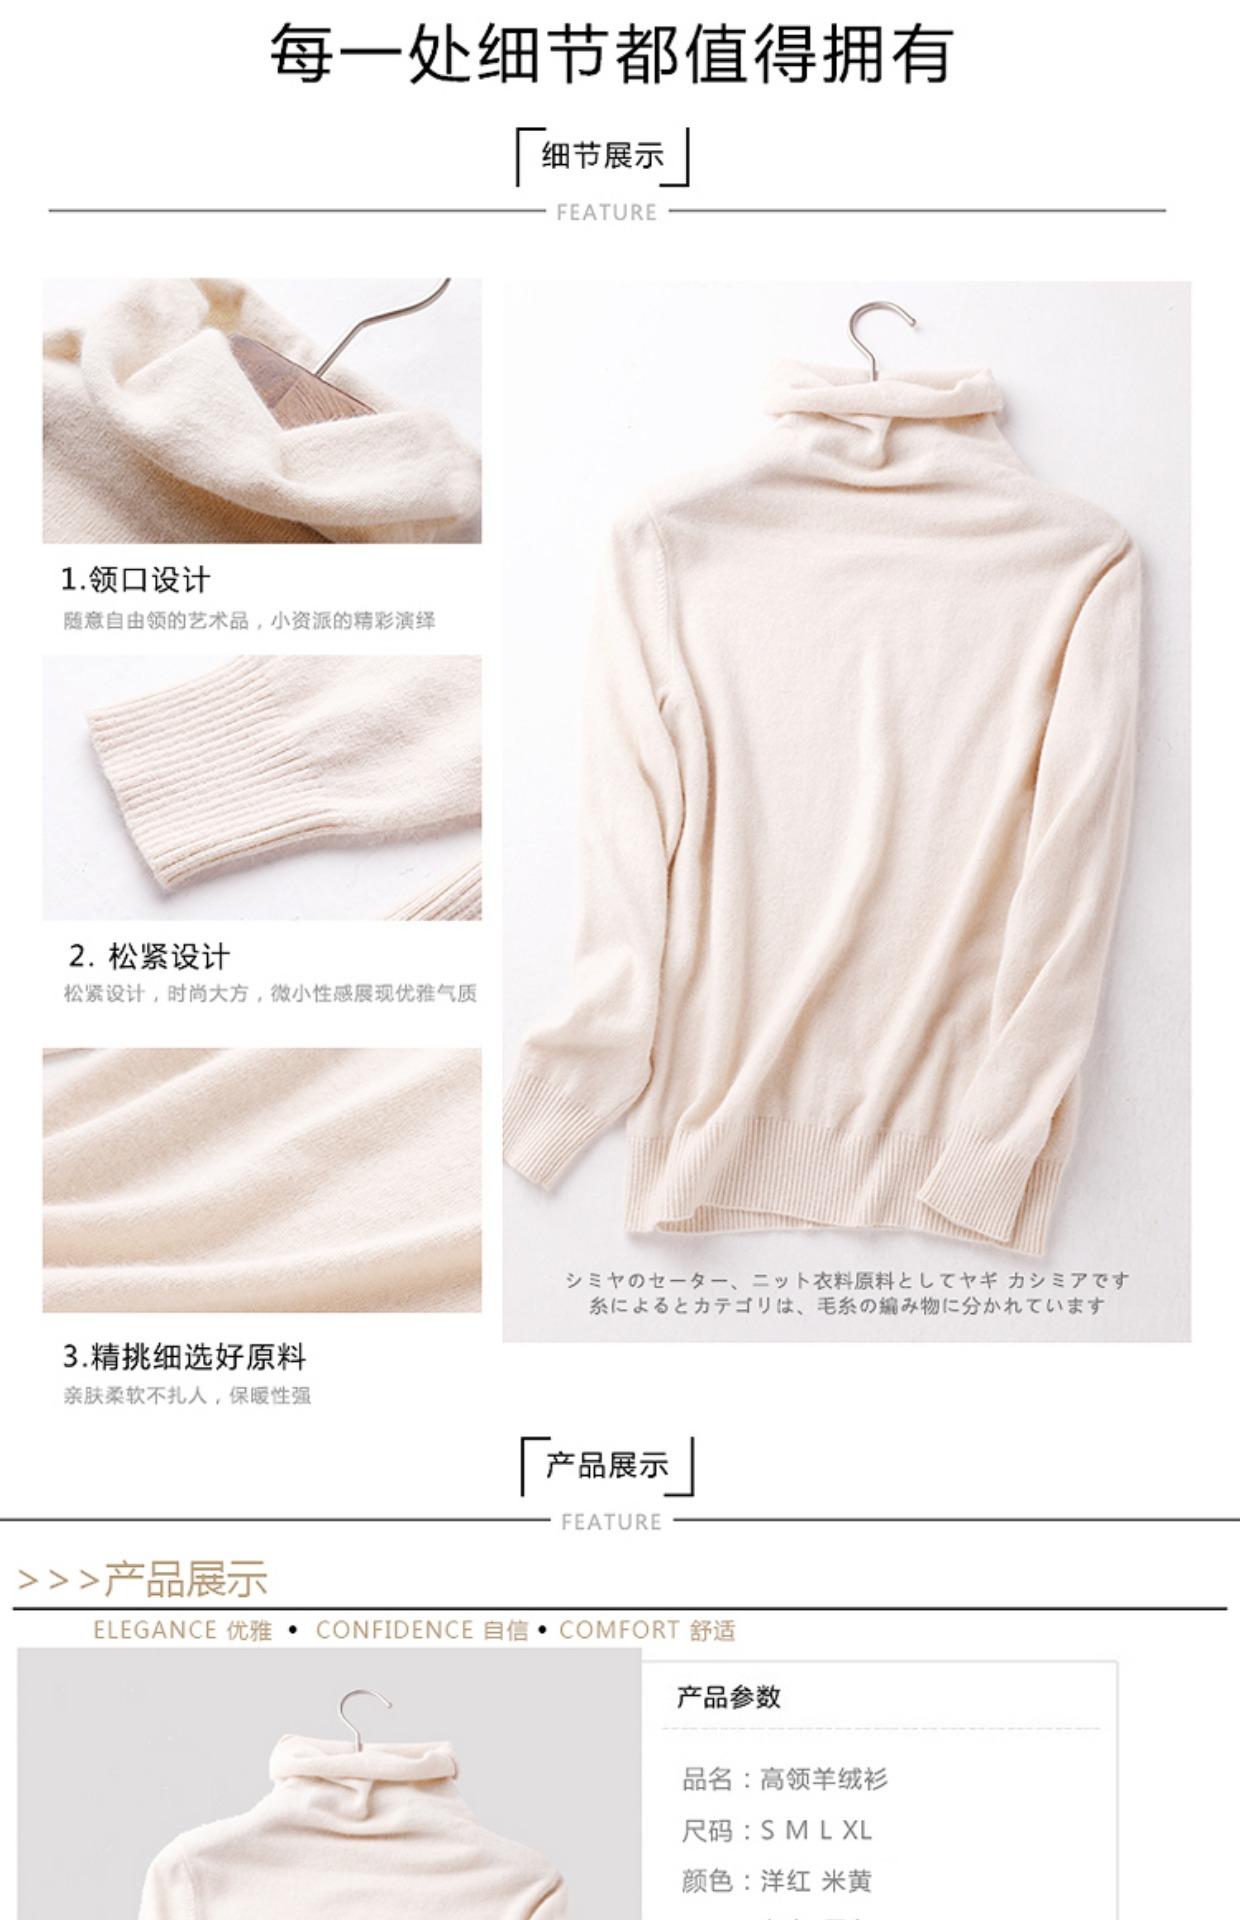 高仿圣罗兰ysl欧美秋冬短款高领加厚羊绒衫QPG365 第11张